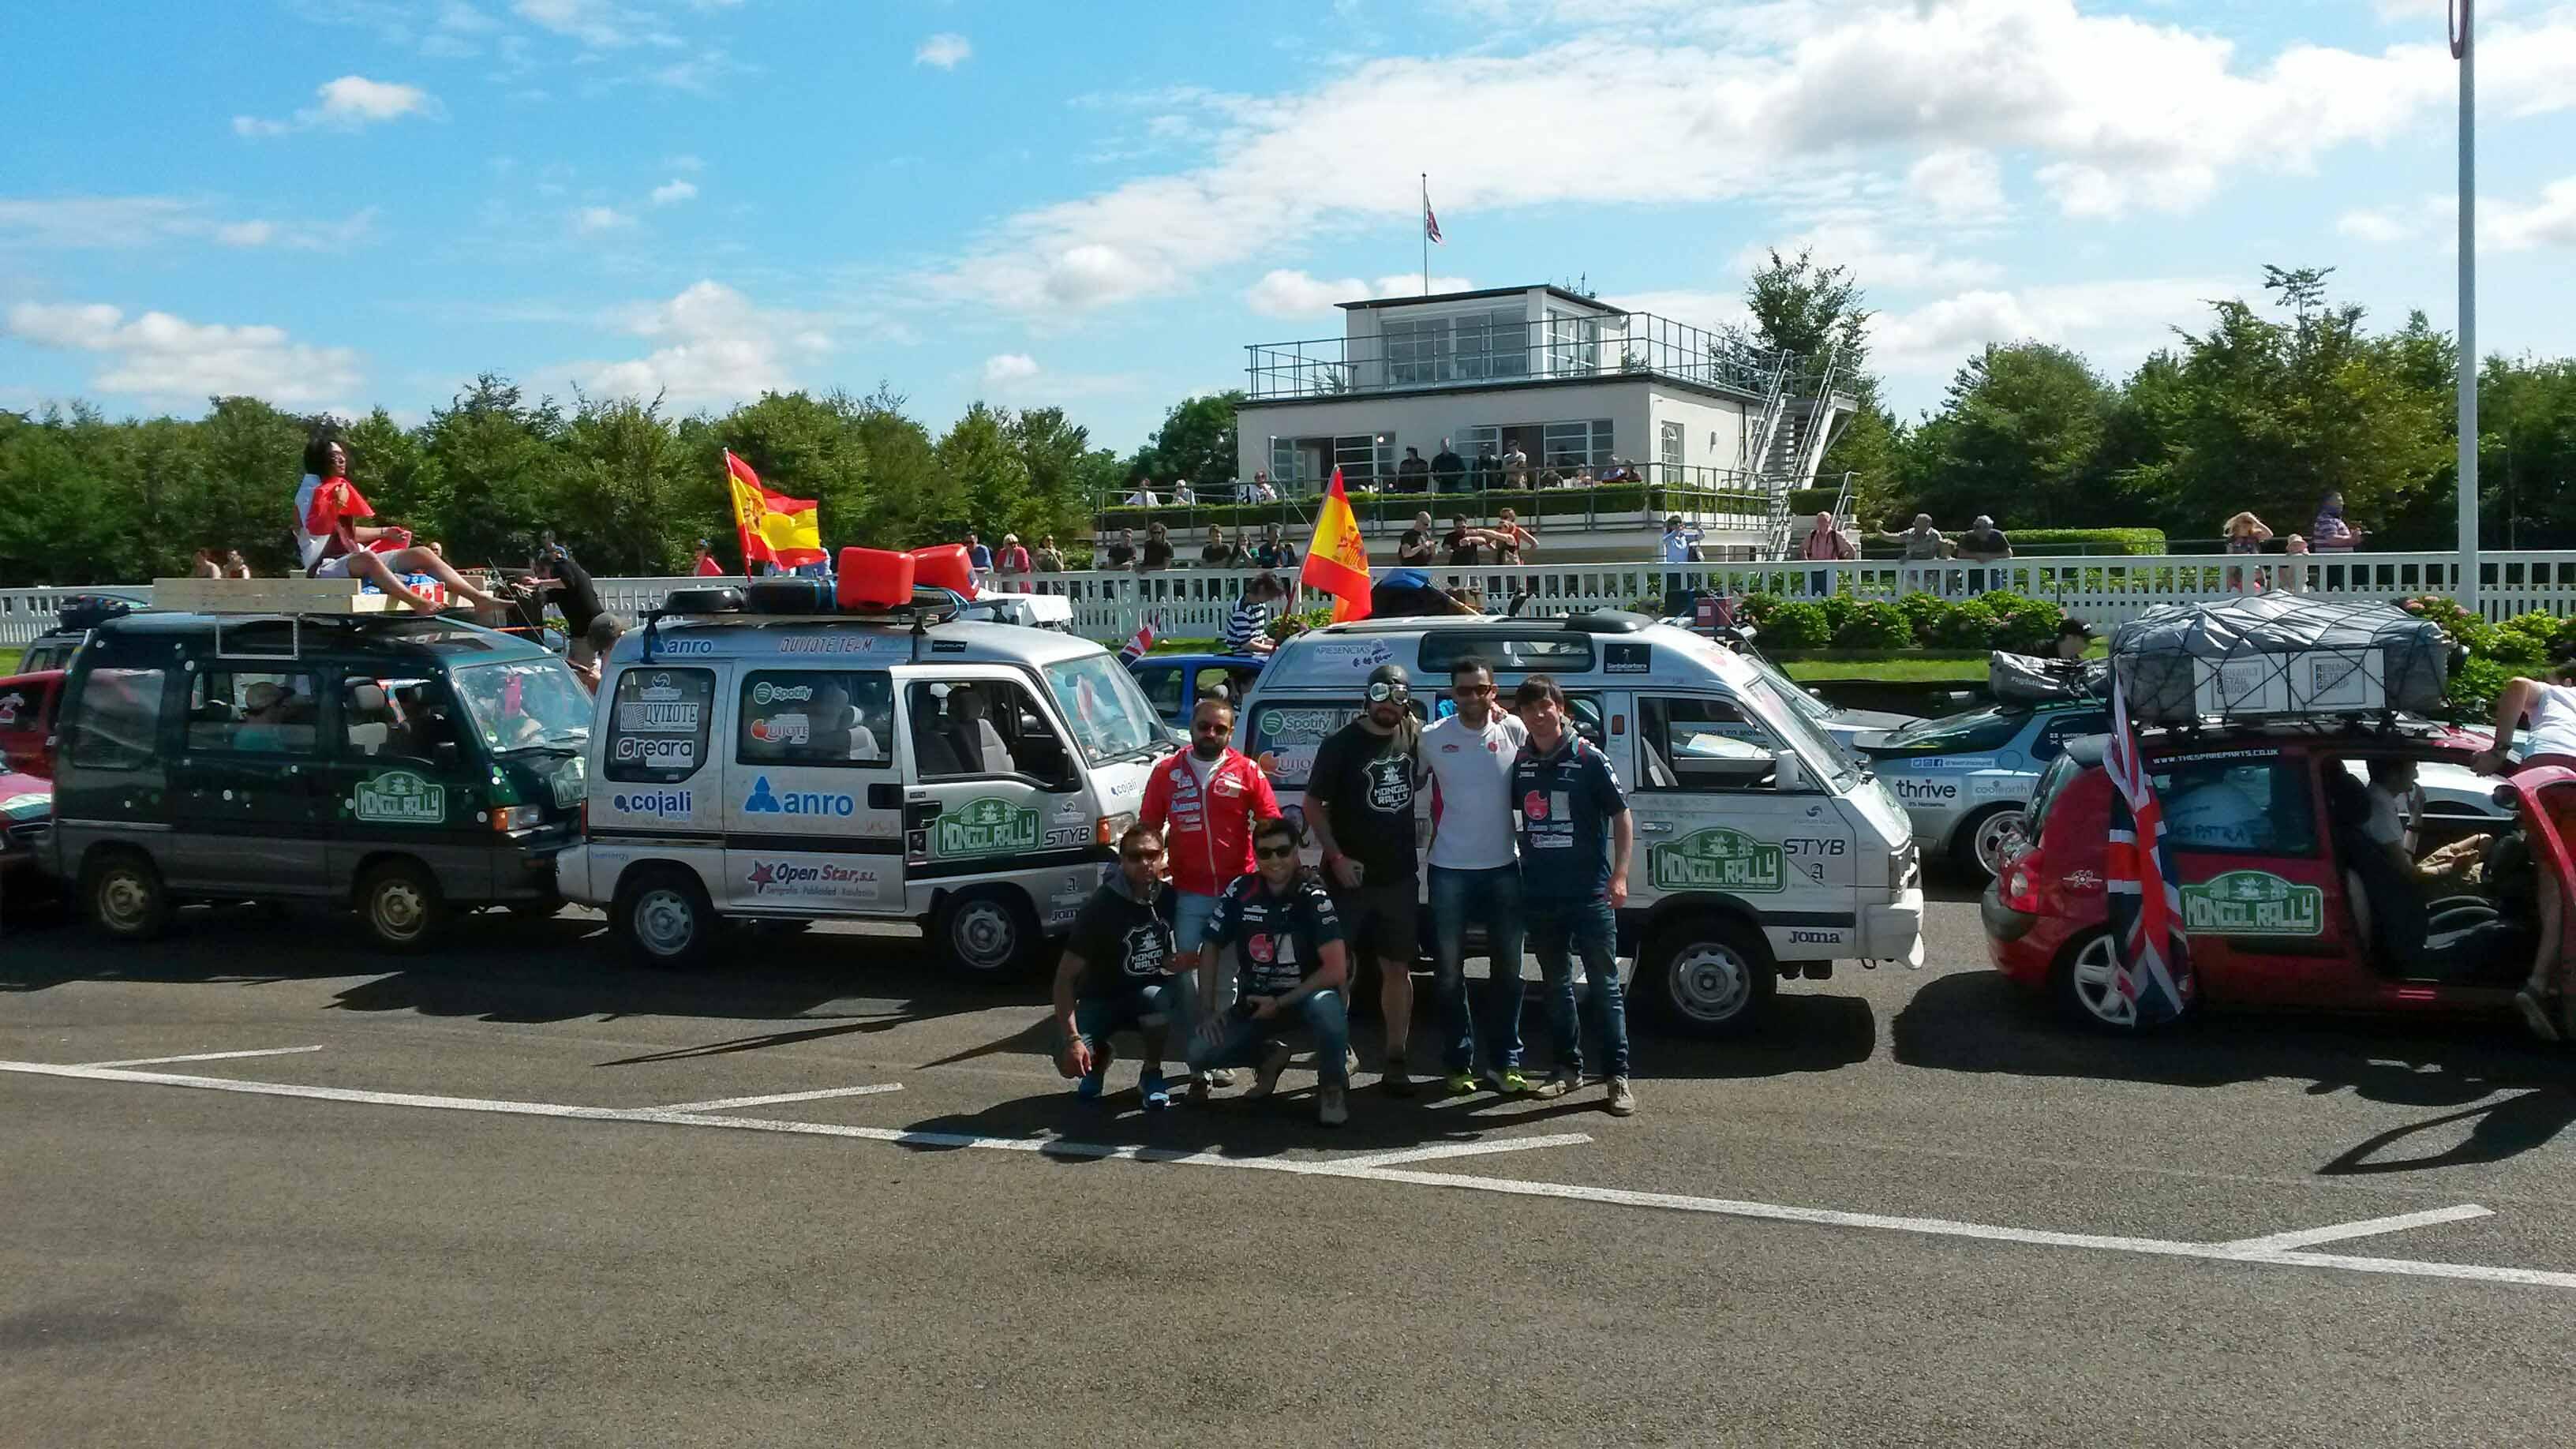 Quijote Team en la Salida oficial Circuito de Goodwood de Chichester en Reino Unido